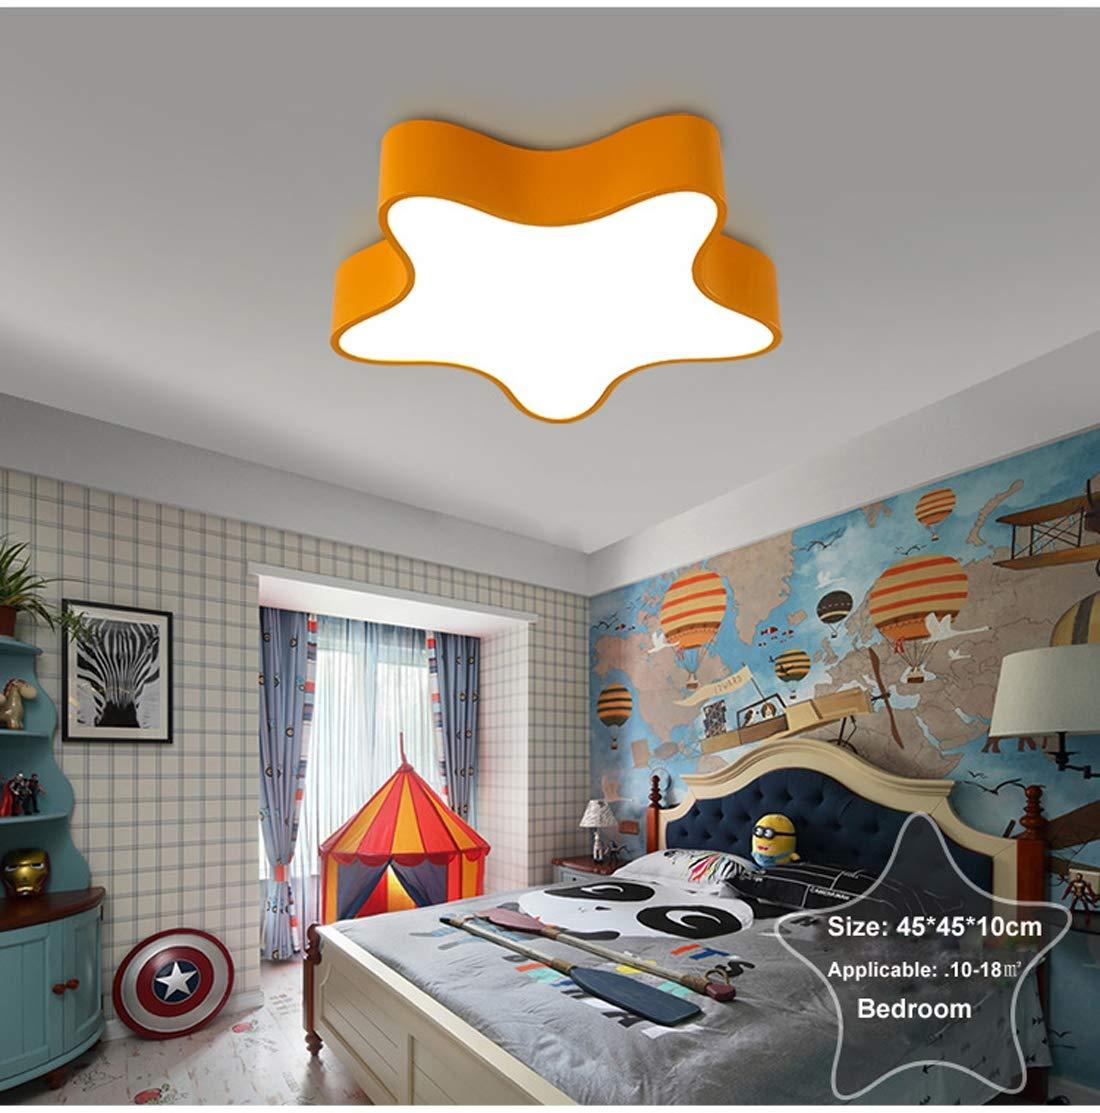 Lampes de plafond pour enfant LED Plafonnier Ultra-Mince Creative Star Plafonnier Lampe de Plafond Chambre des Enfants Gar/çons Et Filles Chambre Lampe Simple de Bande Dessin/ée Plafond Lampe,White,45CM